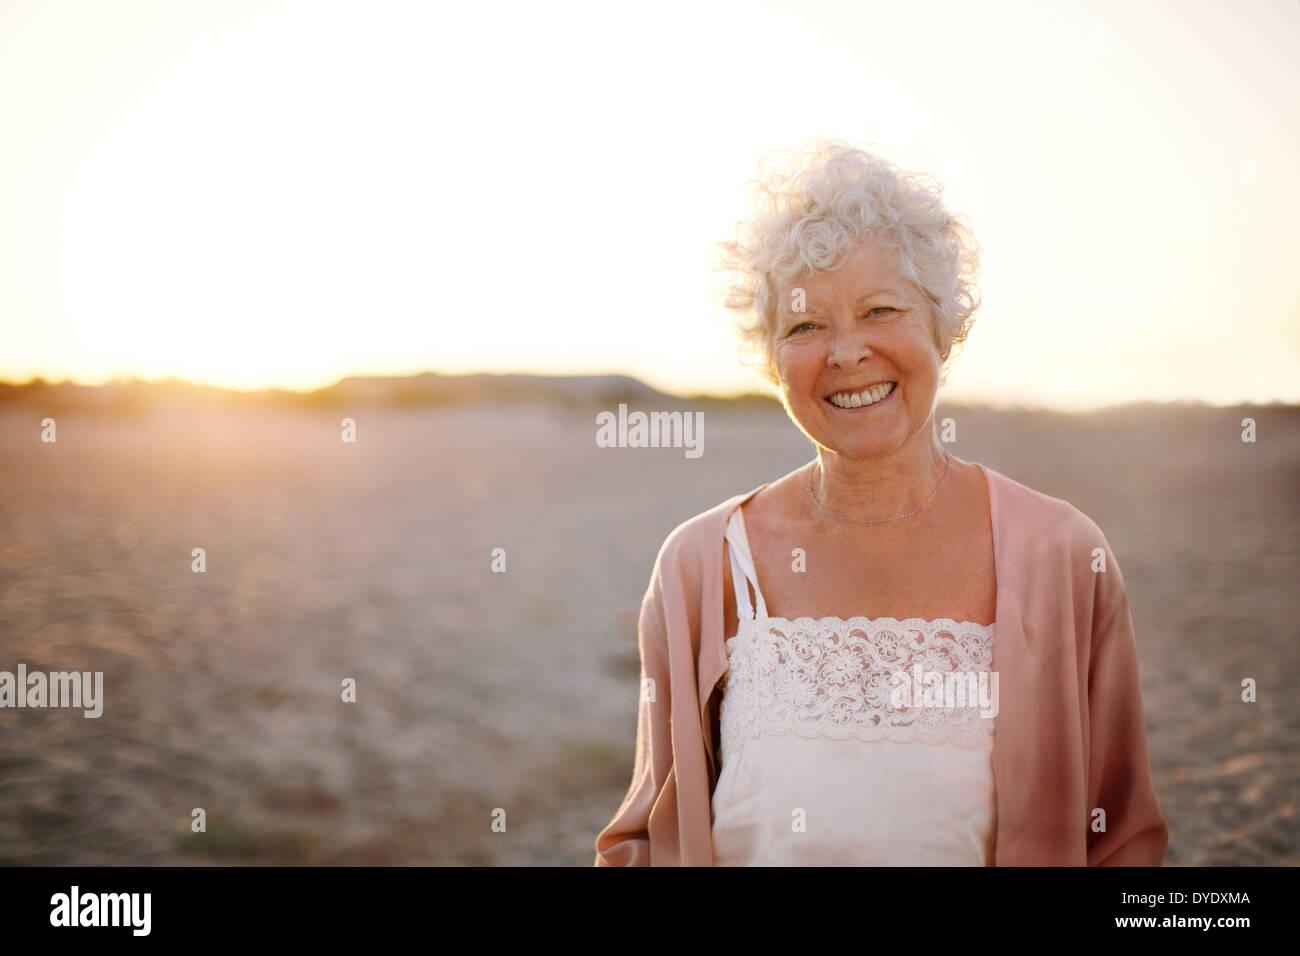 Ritratto di Allegro vecchia donna in piedi sulla spiaggia. Sorridente senior femmina caucasica sorridente all'esterno. Immagini Stock